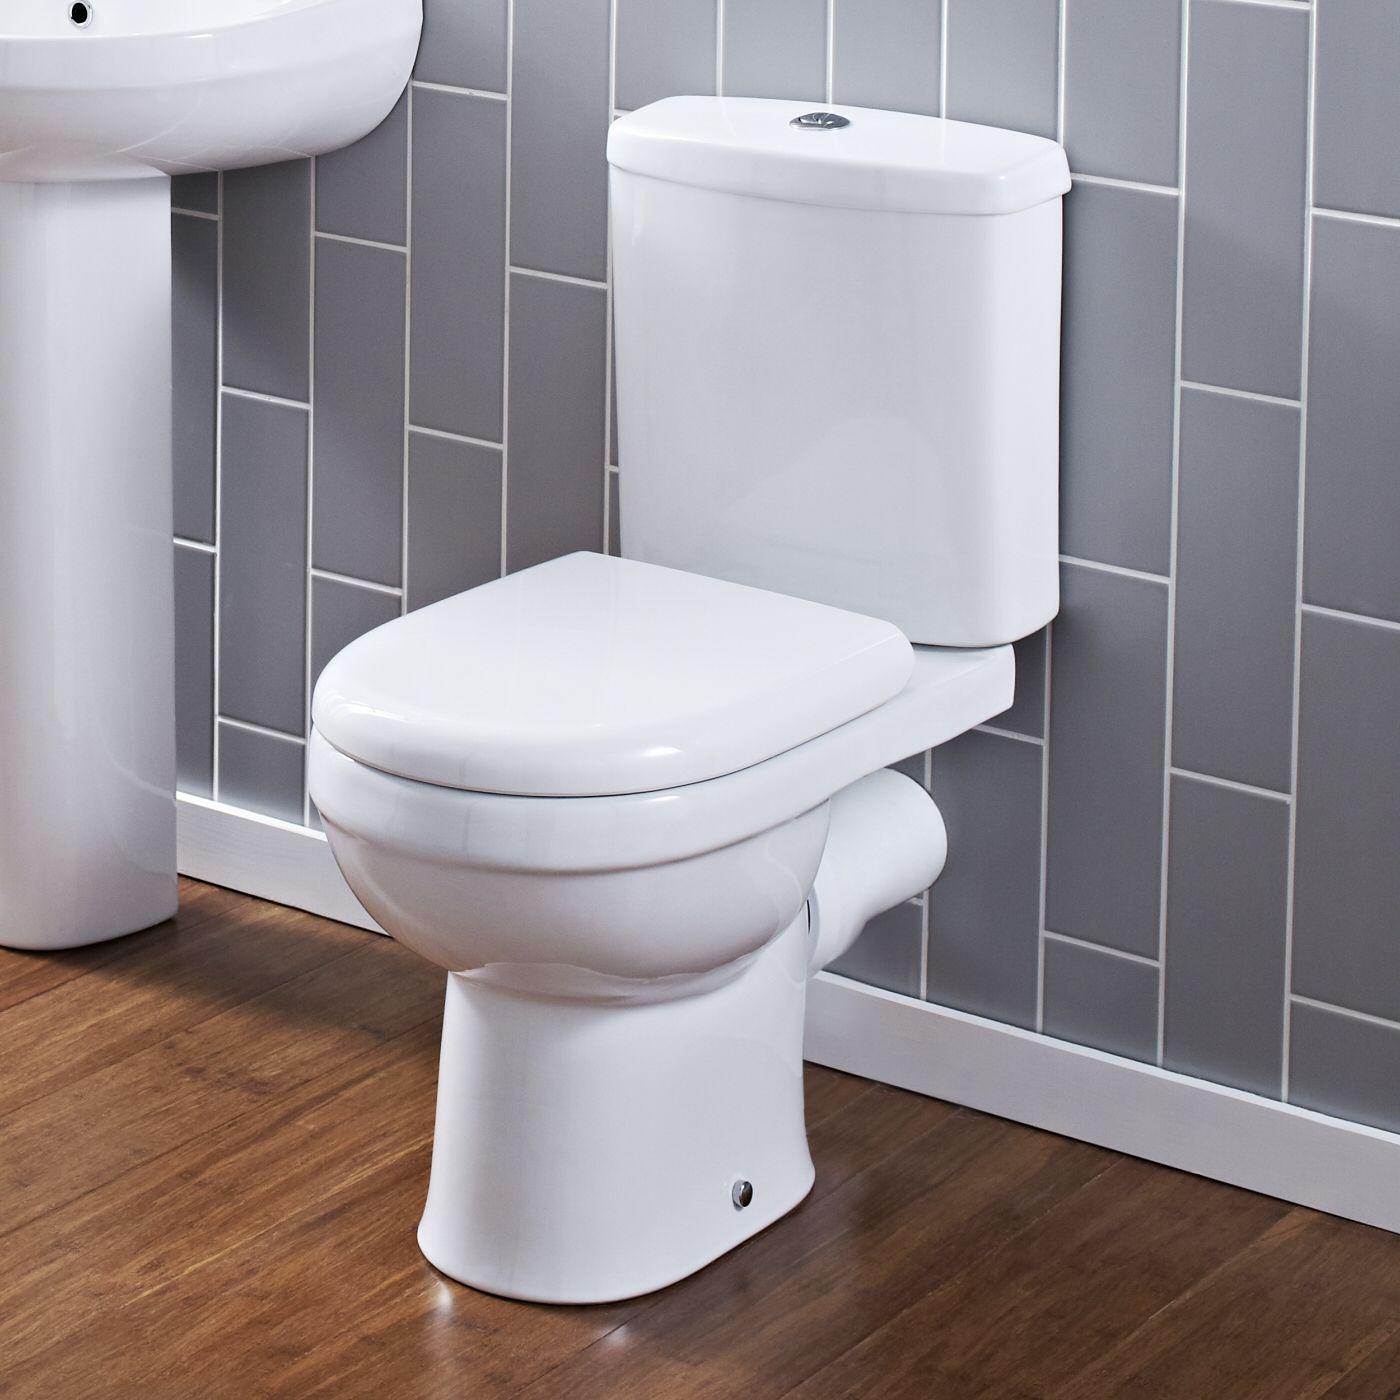 wc keramik mit wc sch ssel und sp lkasten wc sch ssel und keramik. Black Bedroom Furniture Sets. Home Design Ideas